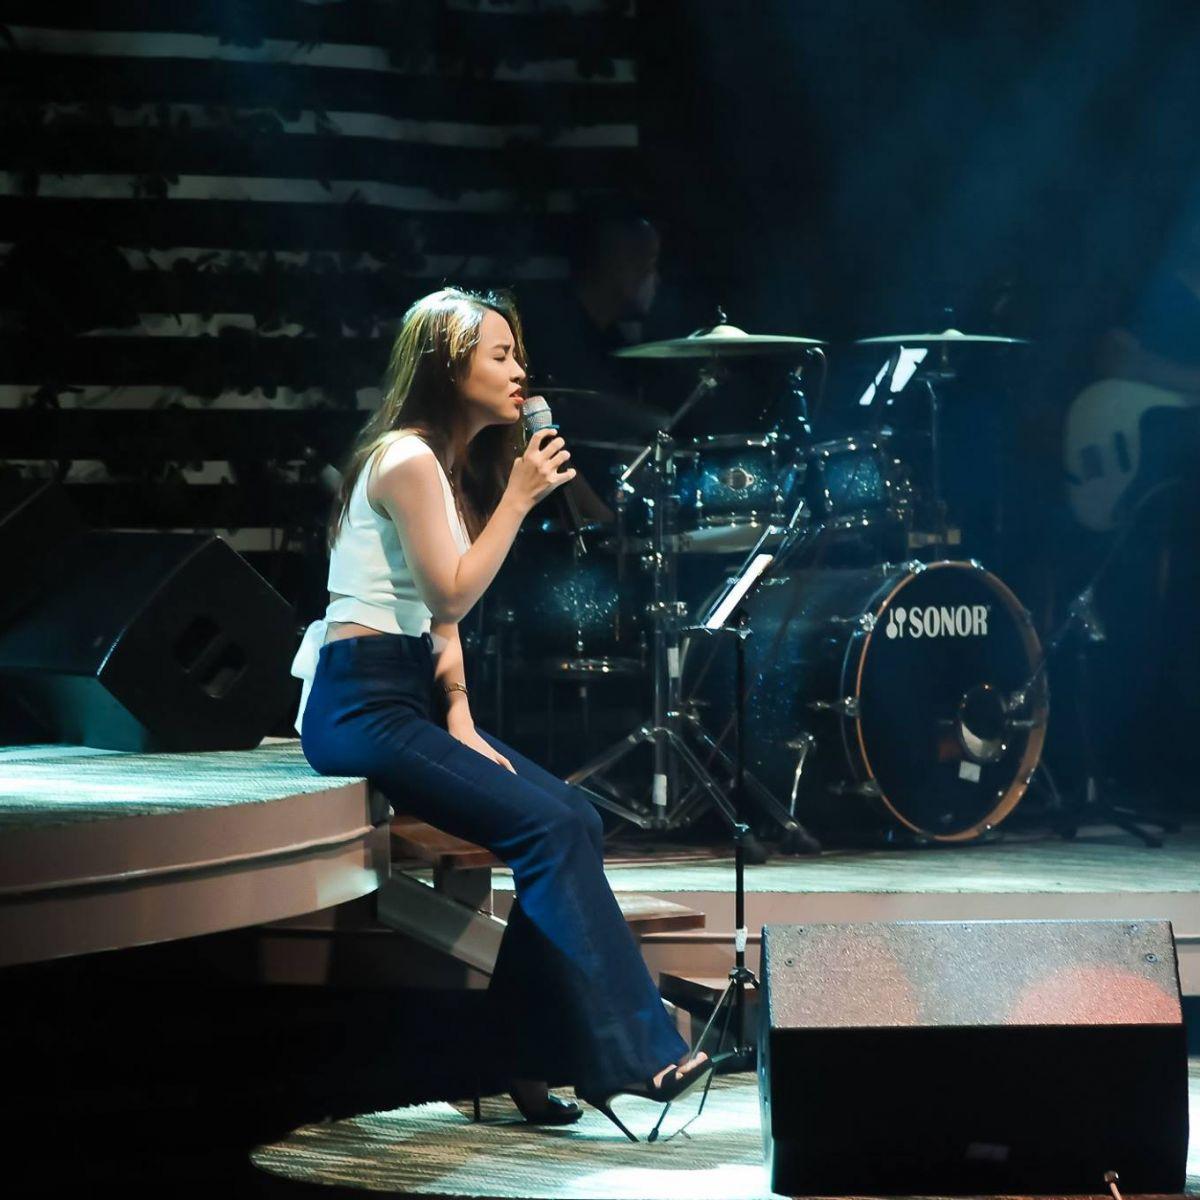 Thăng hoa cảm xúc trong đêm nhạc hit ballad của Trixie cafe